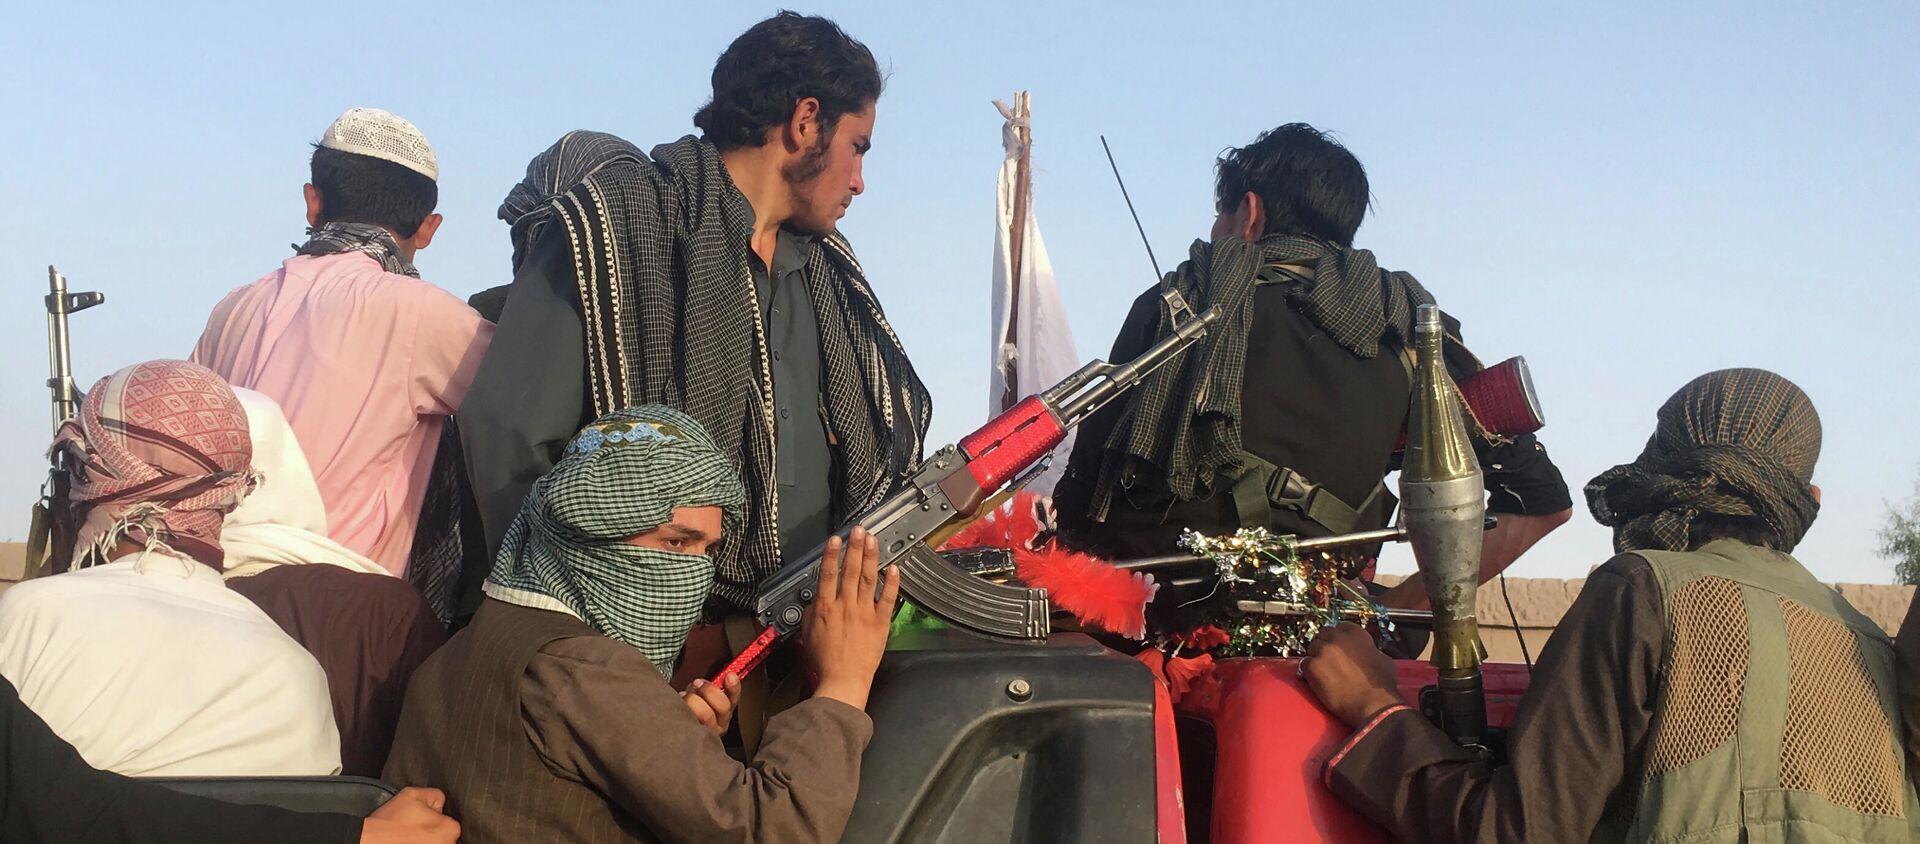 Các chiến binh của Taliban cực đoan * ở Afghanistan - Sputnik Việt Nam, 1920, 09.08.2021